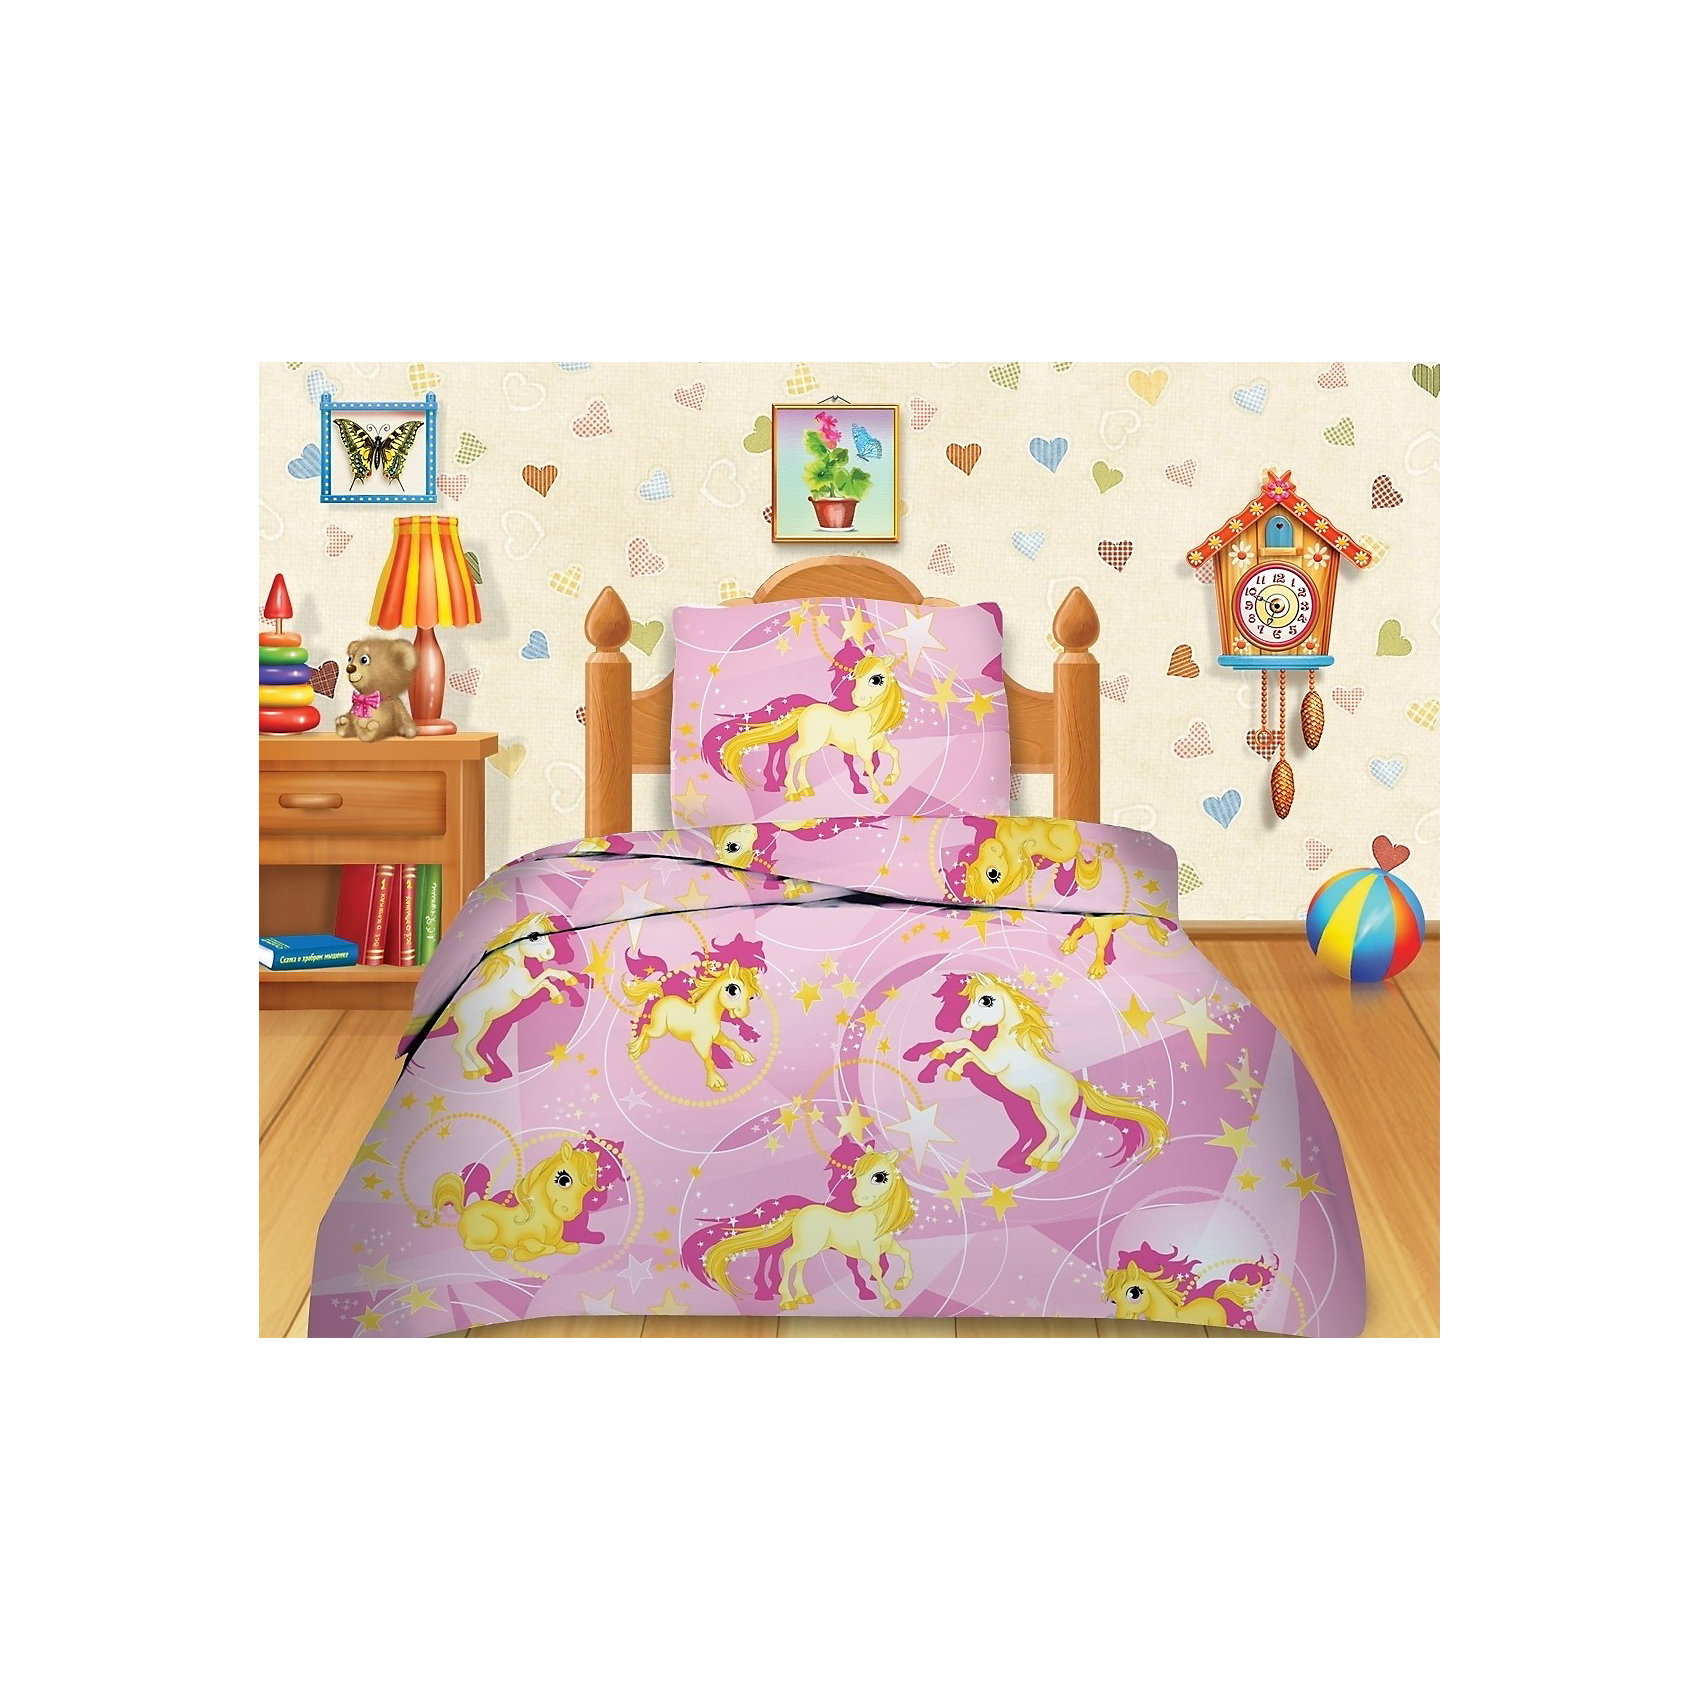 Постельное белье 1,5 Лошадки, бязь, 70*70, Кошки-мышкиПолутораспальный комплект постельного белья Лошадки из серии Кошки-Мышки – качественное детское постельное белье с изображением лошадки на розовом фоне для спальни Вашего ребенка.<br><br>Комплект изготовлен из нежной бязи, оно мягкое на ощупь и гладкое. Используемые красители ткани разрешены к использованию на детском постельном белье, стойки к выцветанию и стирке. Милый и приятный рисунок этого постельного белья порадует малыша. Он с удовольствием будет спать в такой кроватке.<br><br>Дополнительная информация:<br><br>-Материалы: бязь (100% хлопок).<br>-Размеры: пододеяльник 143х215 см, простыня 150х215 см, наволочка 70х70 см.<br>-Комплектация: пододеяльник (1 шт.), простыня (1 шт.), наволочка (1 шт.)<br><br>Комплект постельного белья со сказочным рисунком станет прекрасным подарком для вашего ребенка.<br><br>Комплект постельного белья Лошадки 1,5-спальный, Кошки-Мышки можно купить в нашем магазине.<br><br>Ширина мм: 360<br>Глубина мм: 280<br>Высота мм: 60<br>Вес г: 1400<br>Возраст от месяцев: 36<br>Возраст до месяцев: 144<br>Пол: Женский<br>Возраст: Детский<br>SKU: 3615494